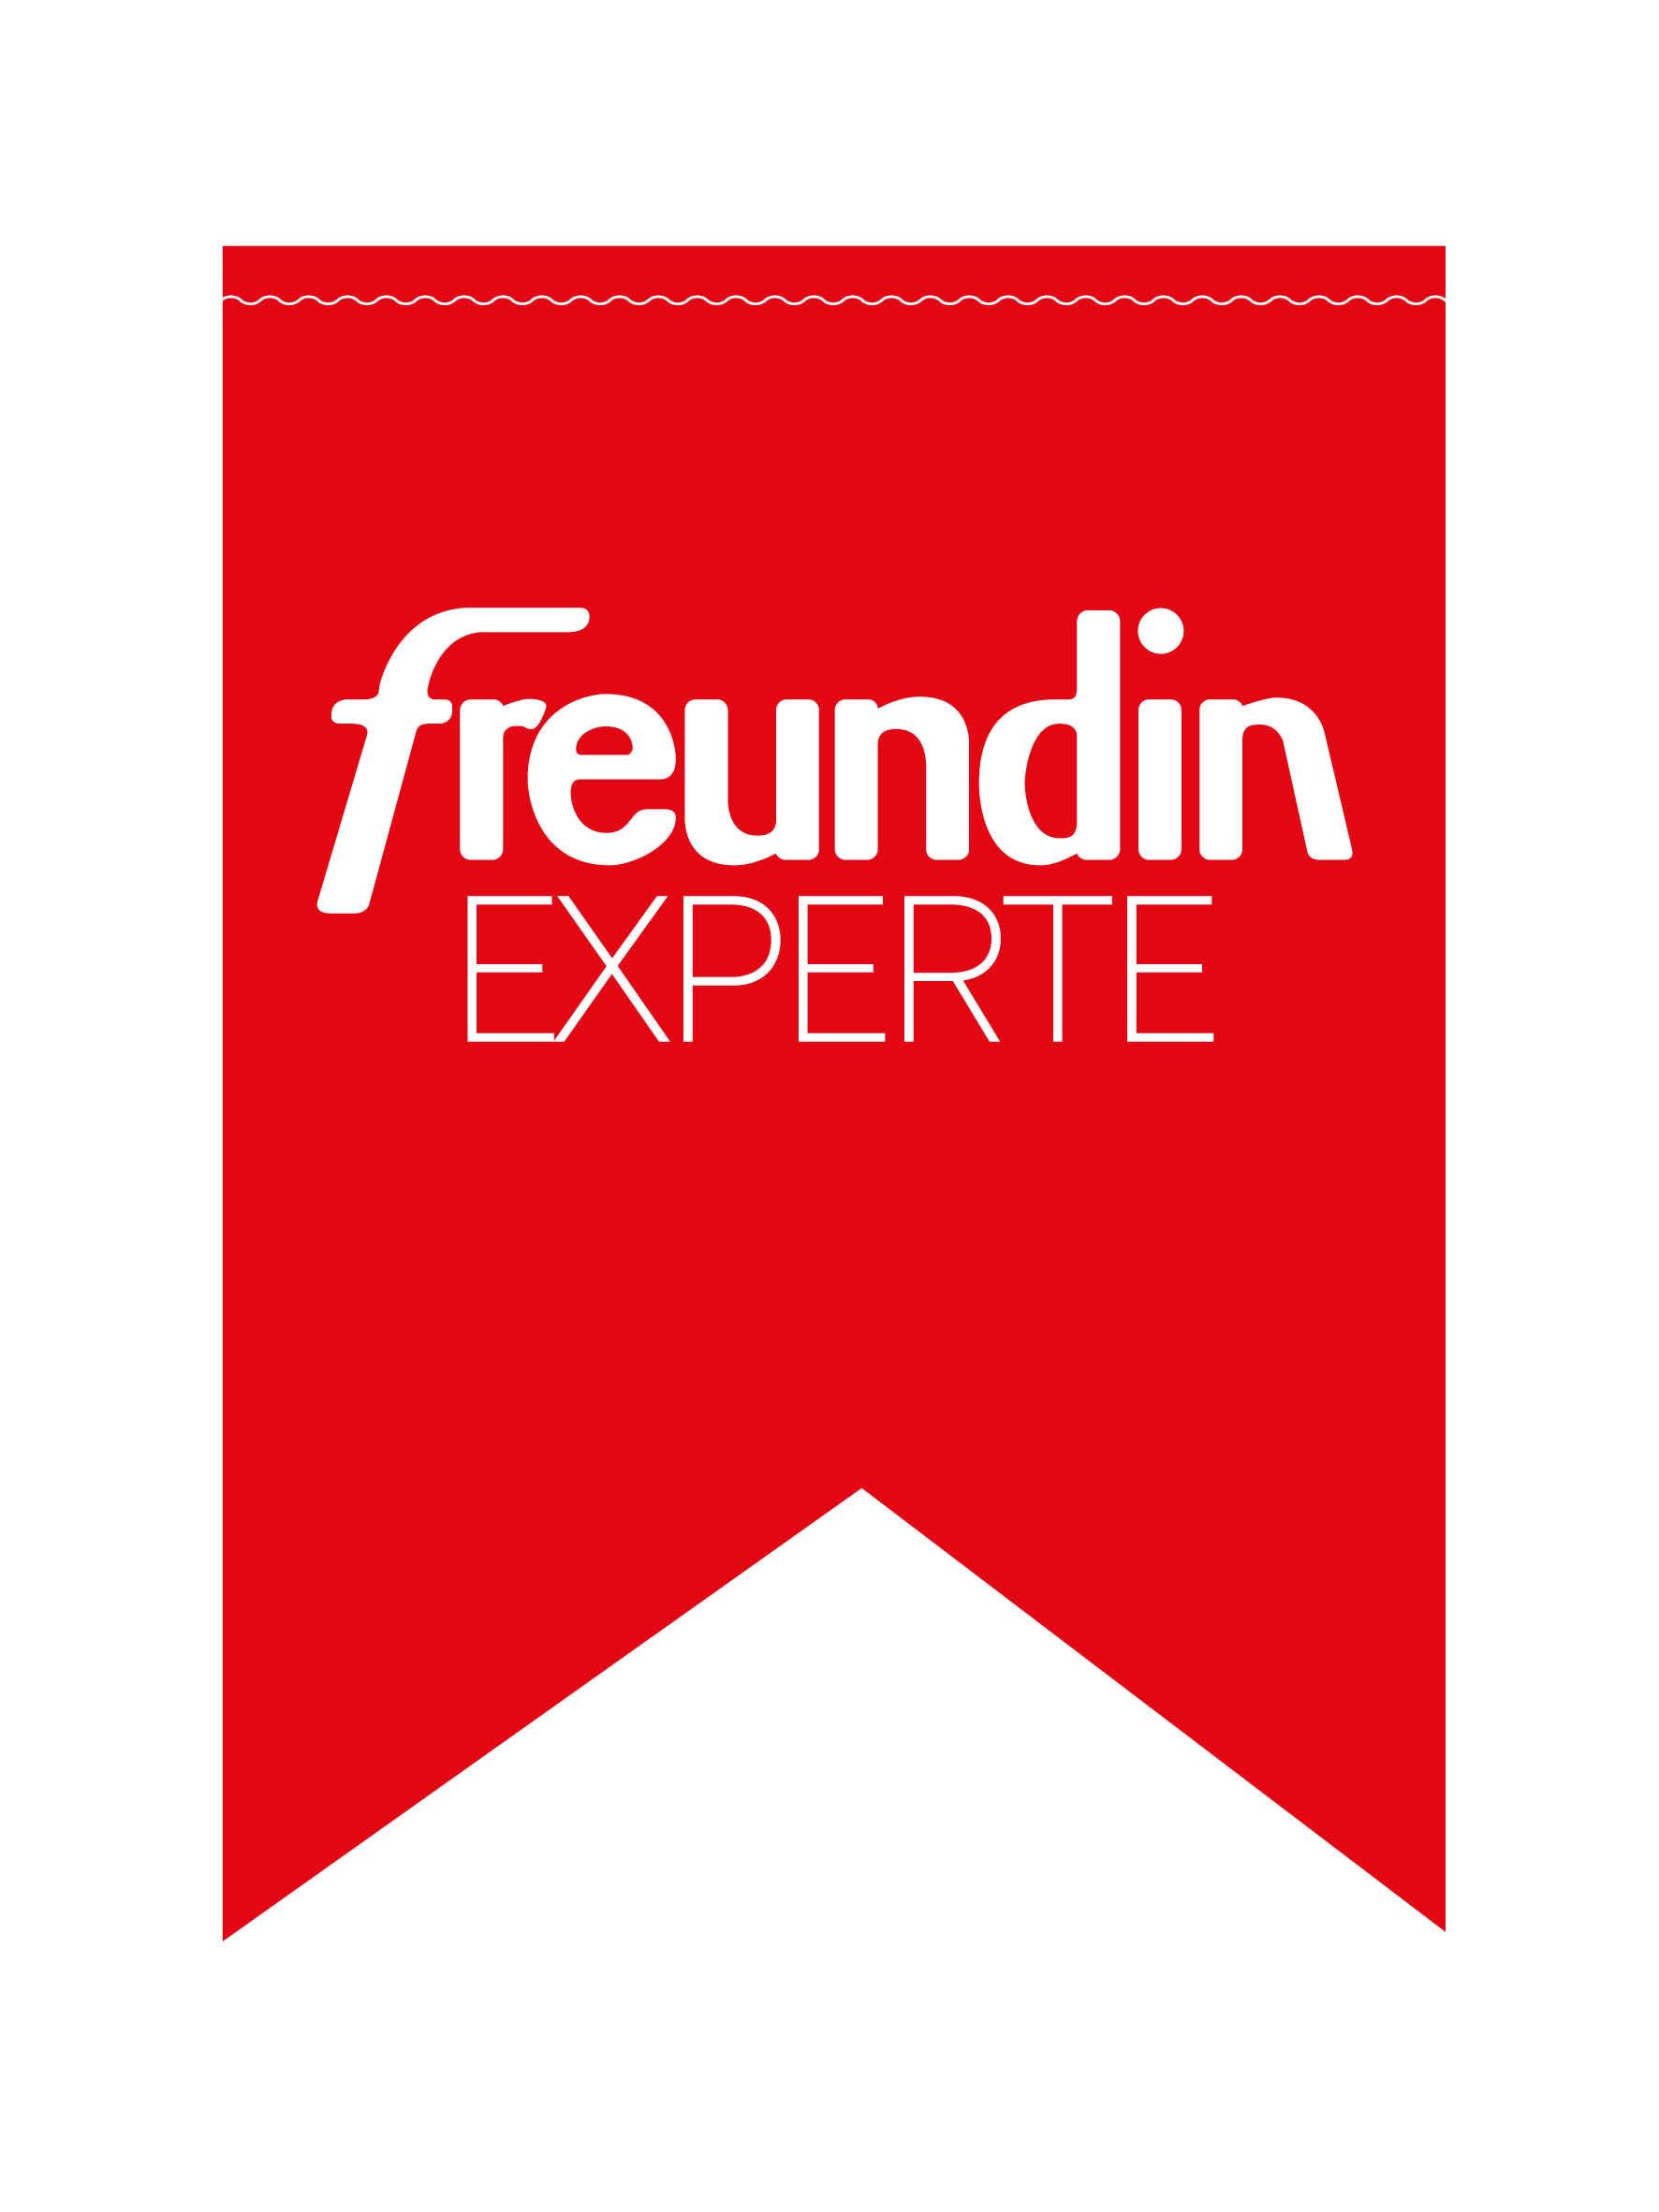 freundin-Experte Birgit Natale-Weber Beziehungsexpertin